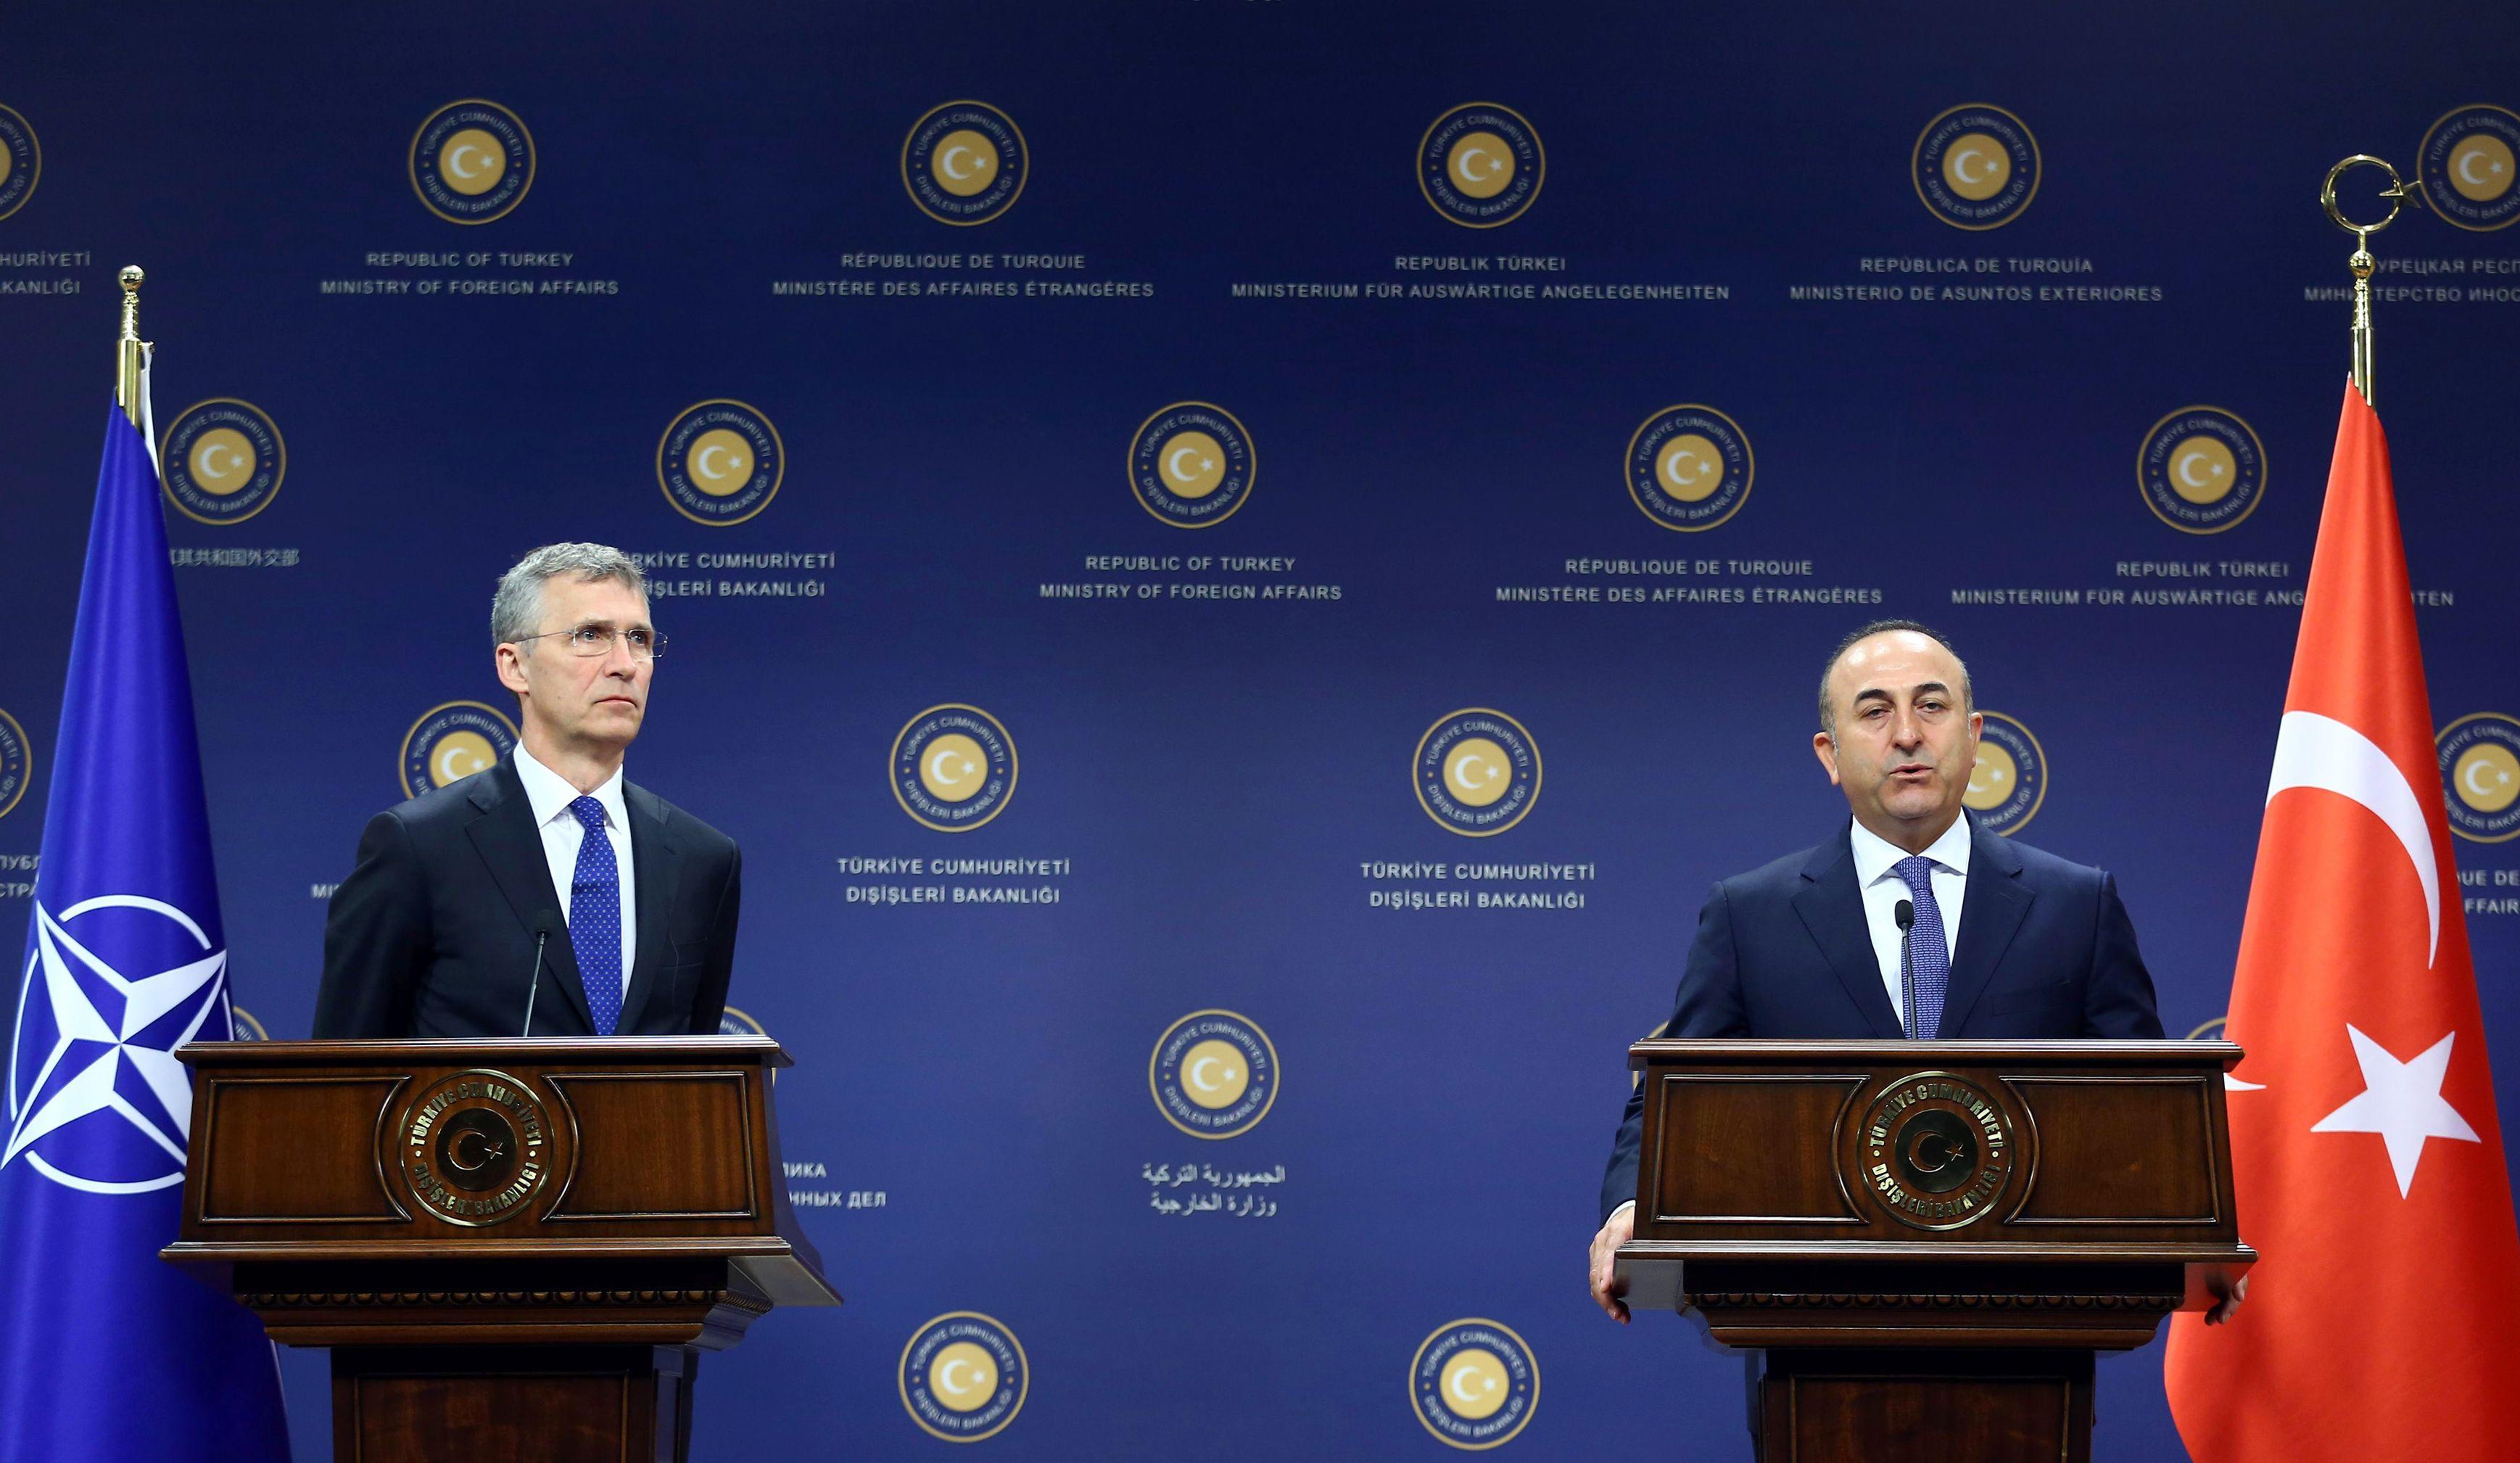 Image for Об отношениях Турции с НАТО и ЕС